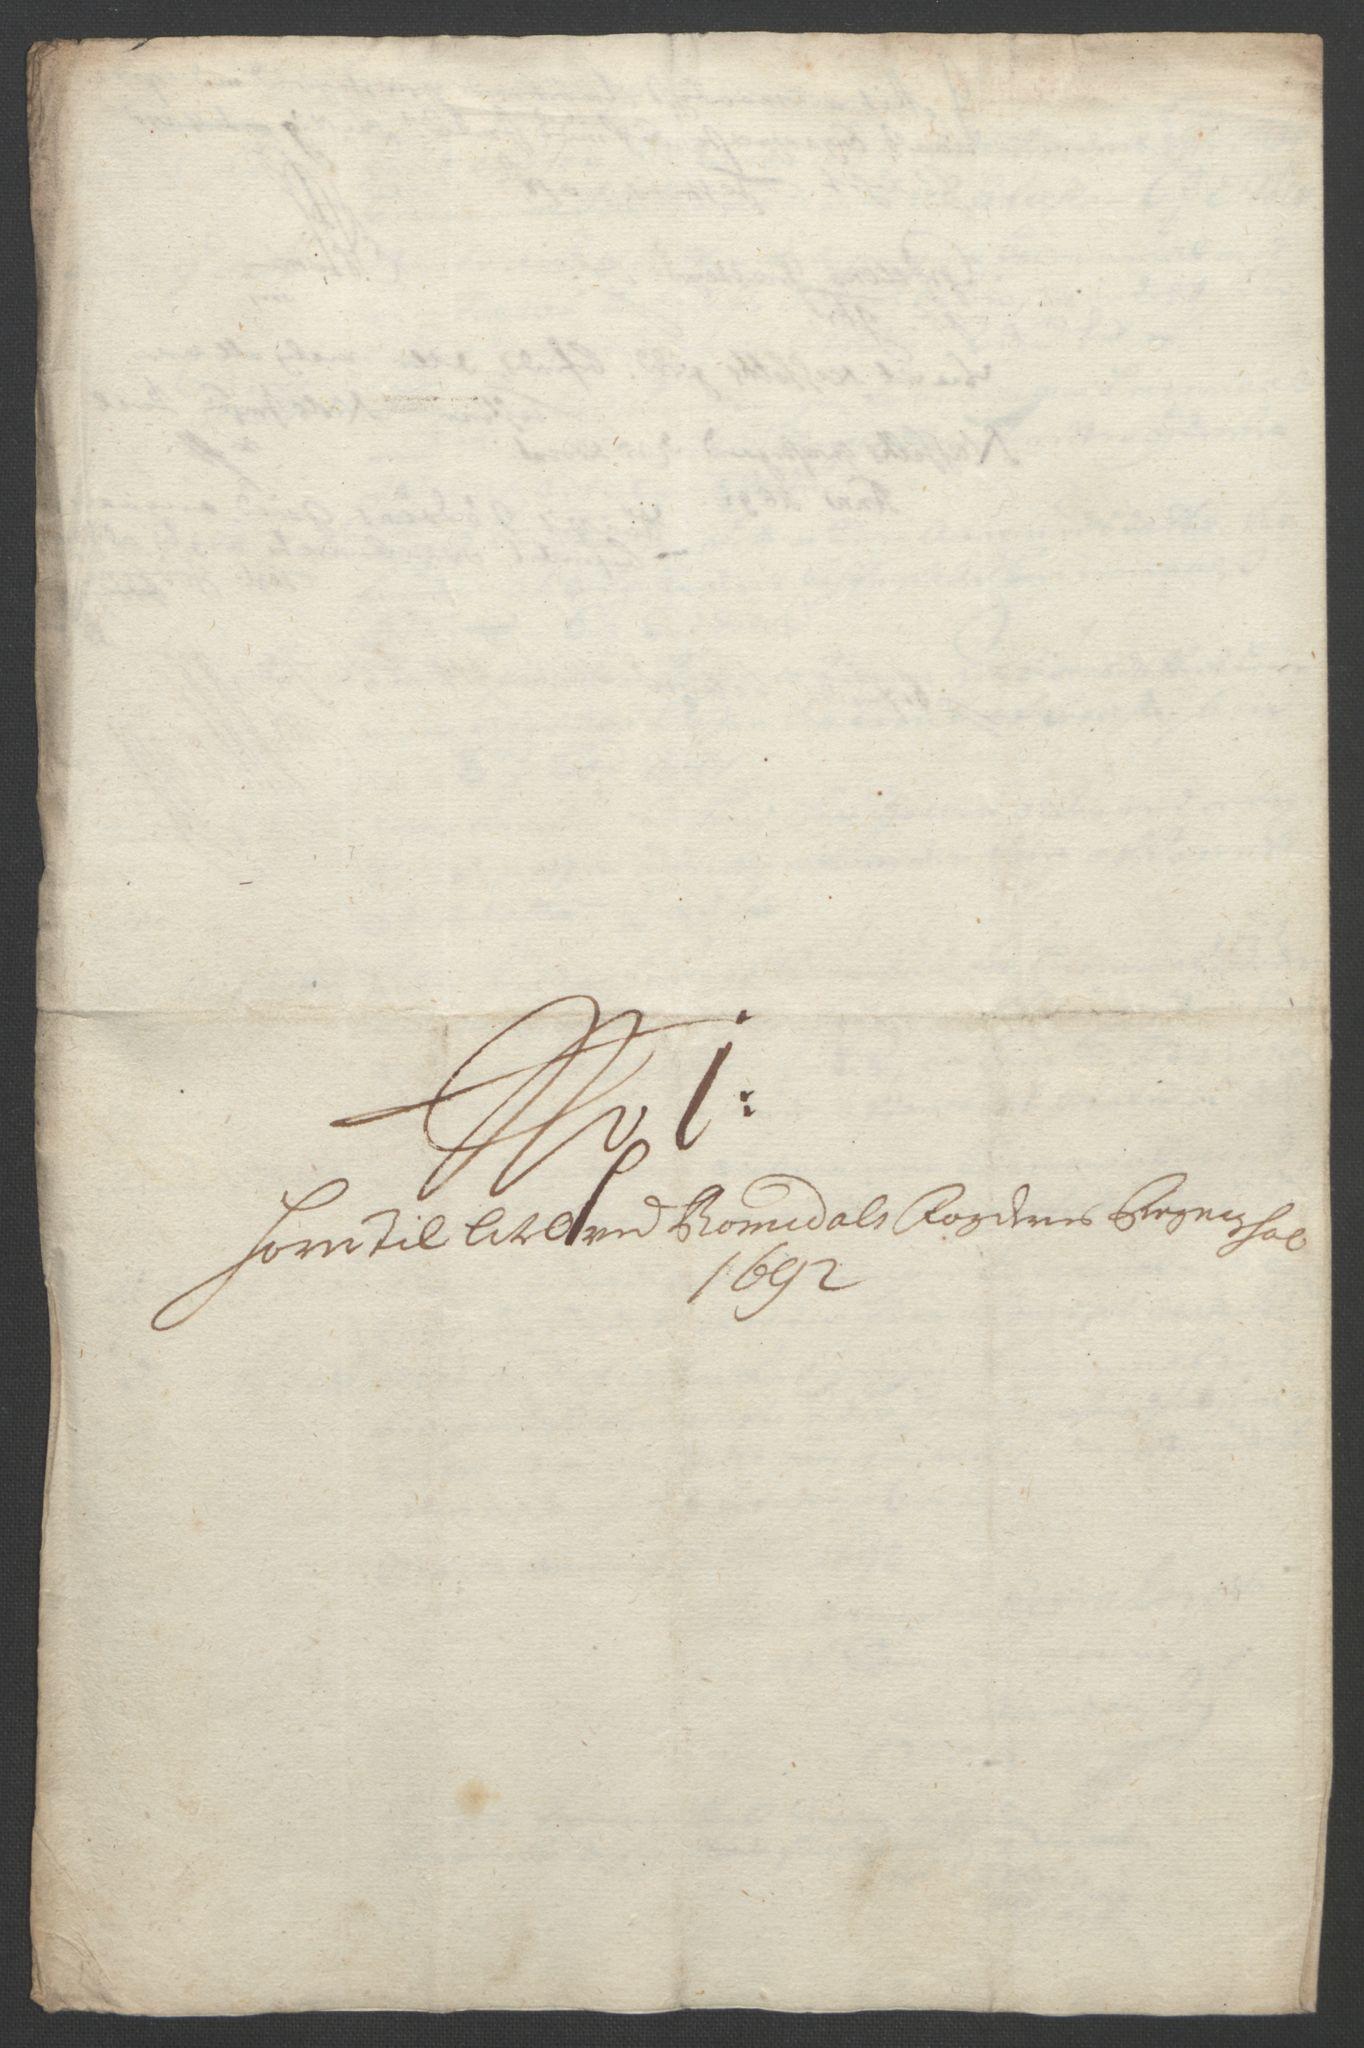 RA, Rentekammeret inntil 1814, Reviderte regnskaper, Fogderegnskap, R55/L3650: Fogderegnskap Romsdal, 1692, s. 167